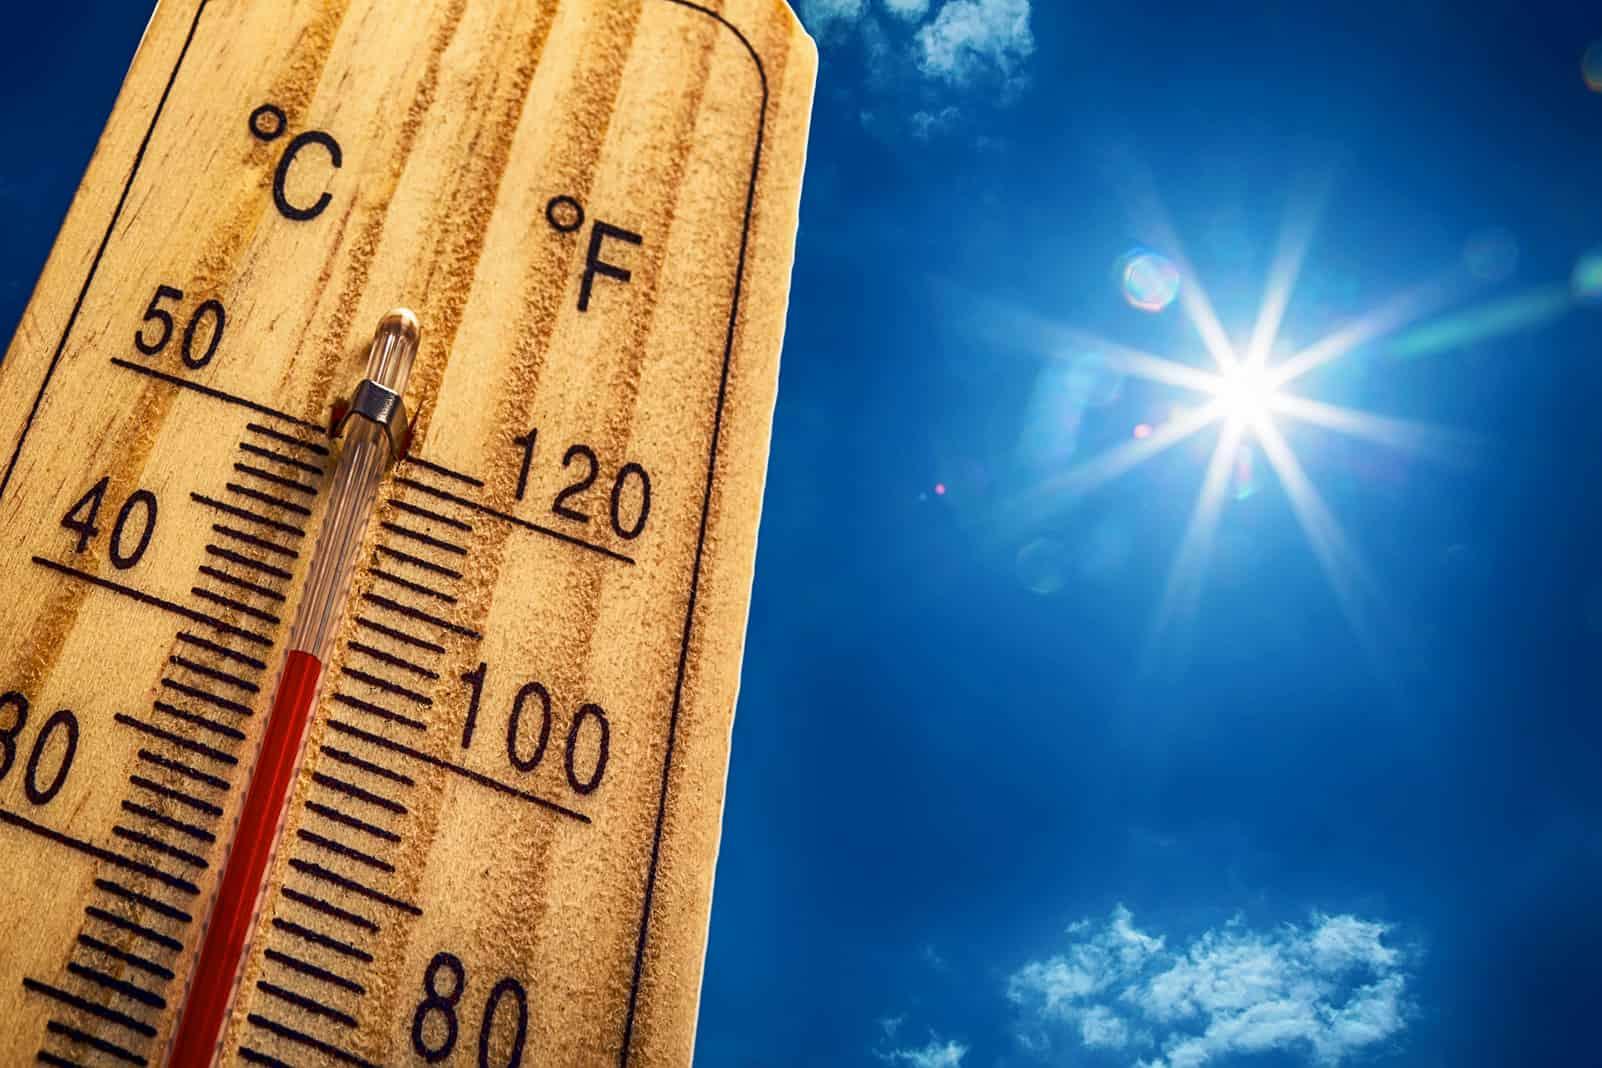 θερμοπληξία συμπτώματα αντιμετώπιση